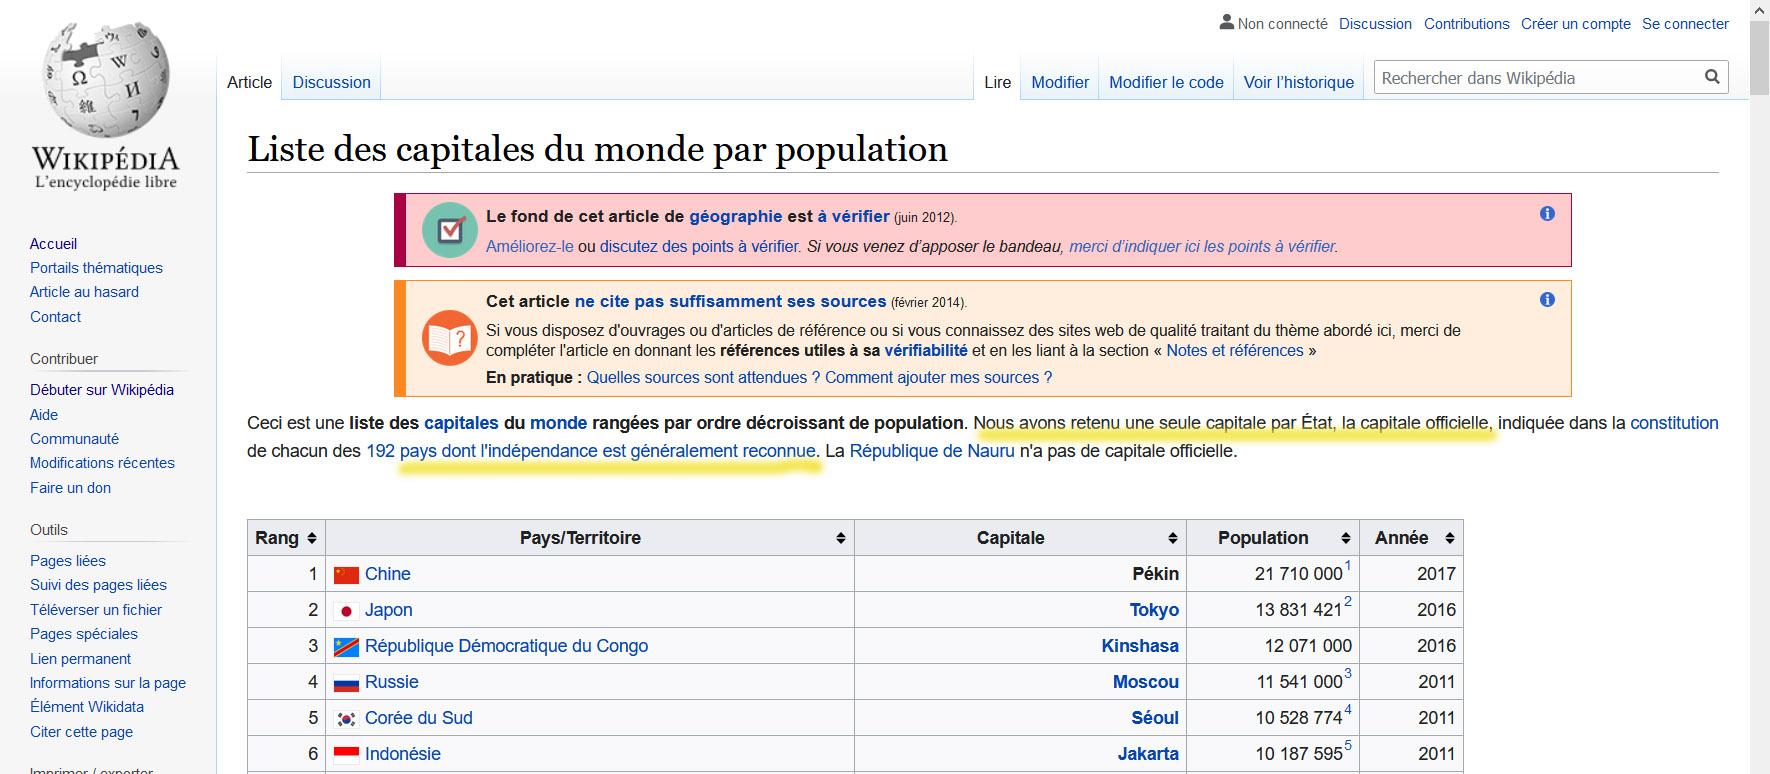 """Extrait de la fiche Wikipedia """"Liste des capitales par population"""". Introduction à la fiche (capture d'écran Wikipedia)."""